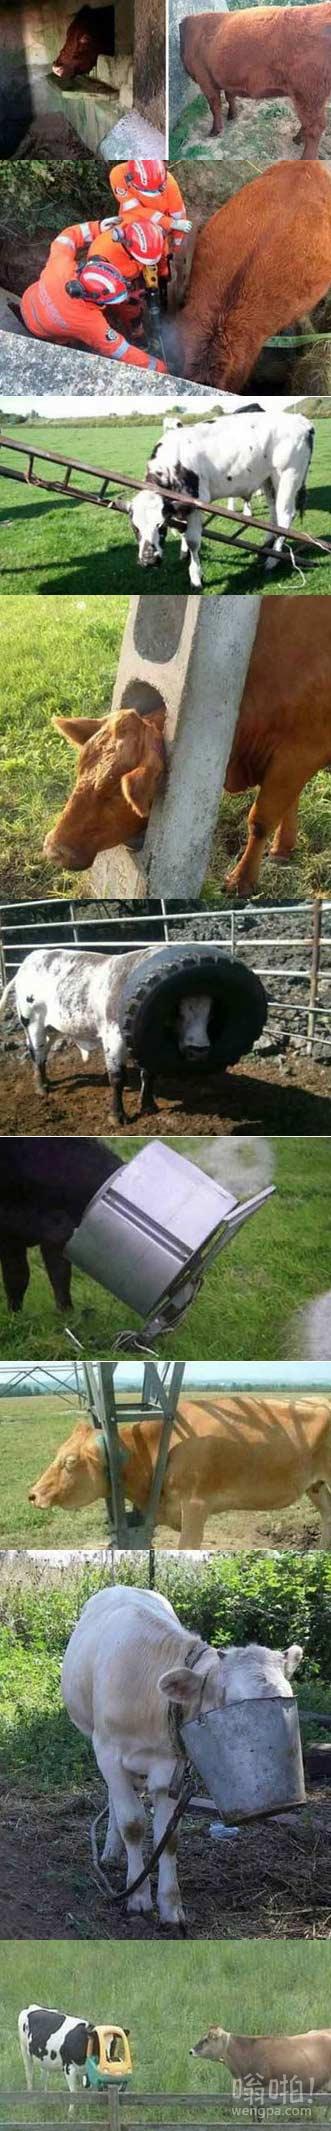 为什么奶牛喜欢钻空子而不是牛角尖